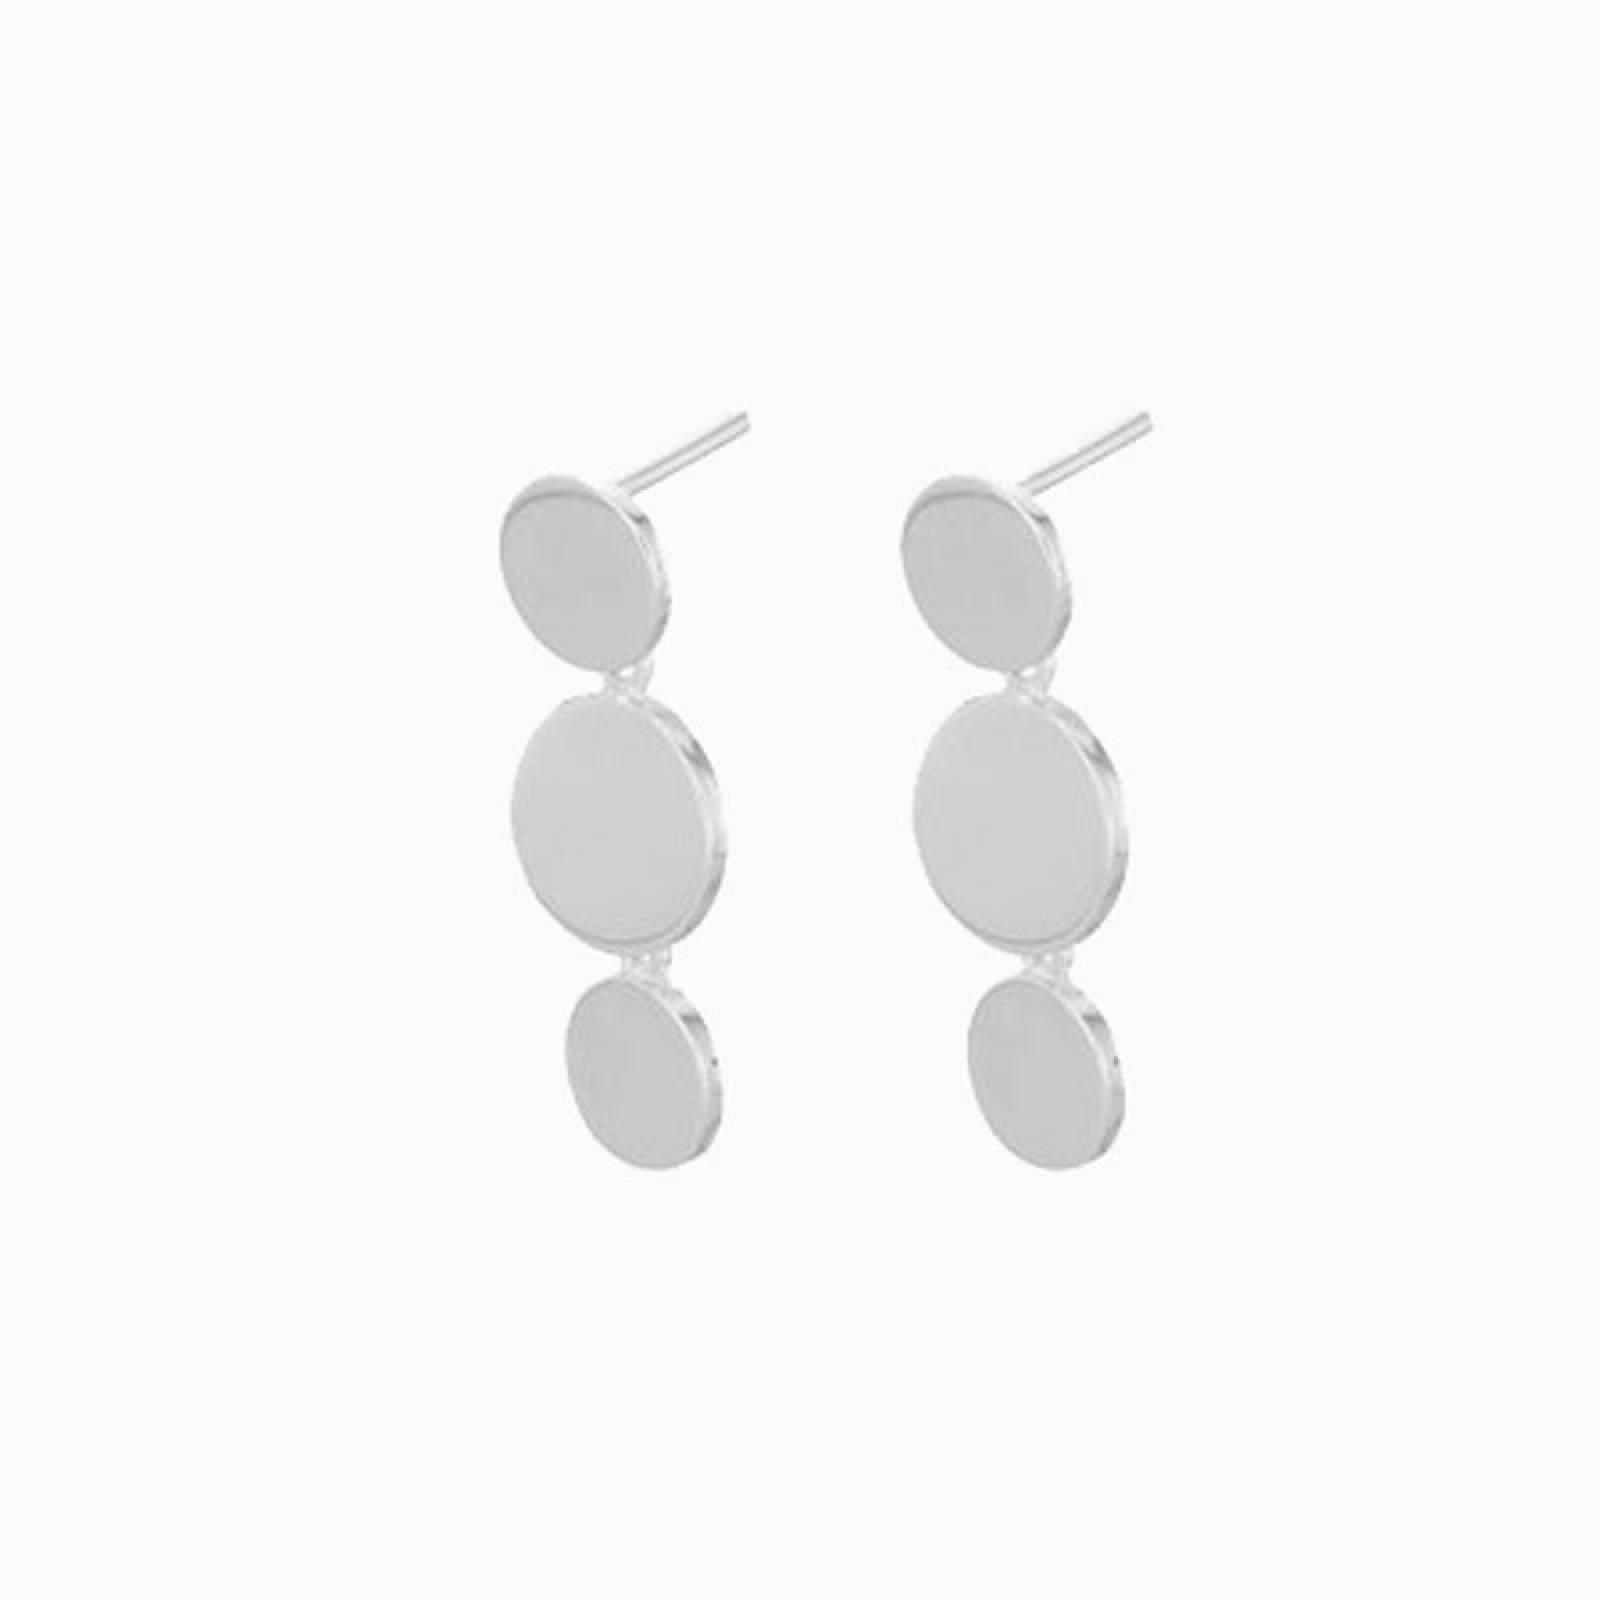 Triple Sheen Stud Earrings In Silver By Pernille Corydon